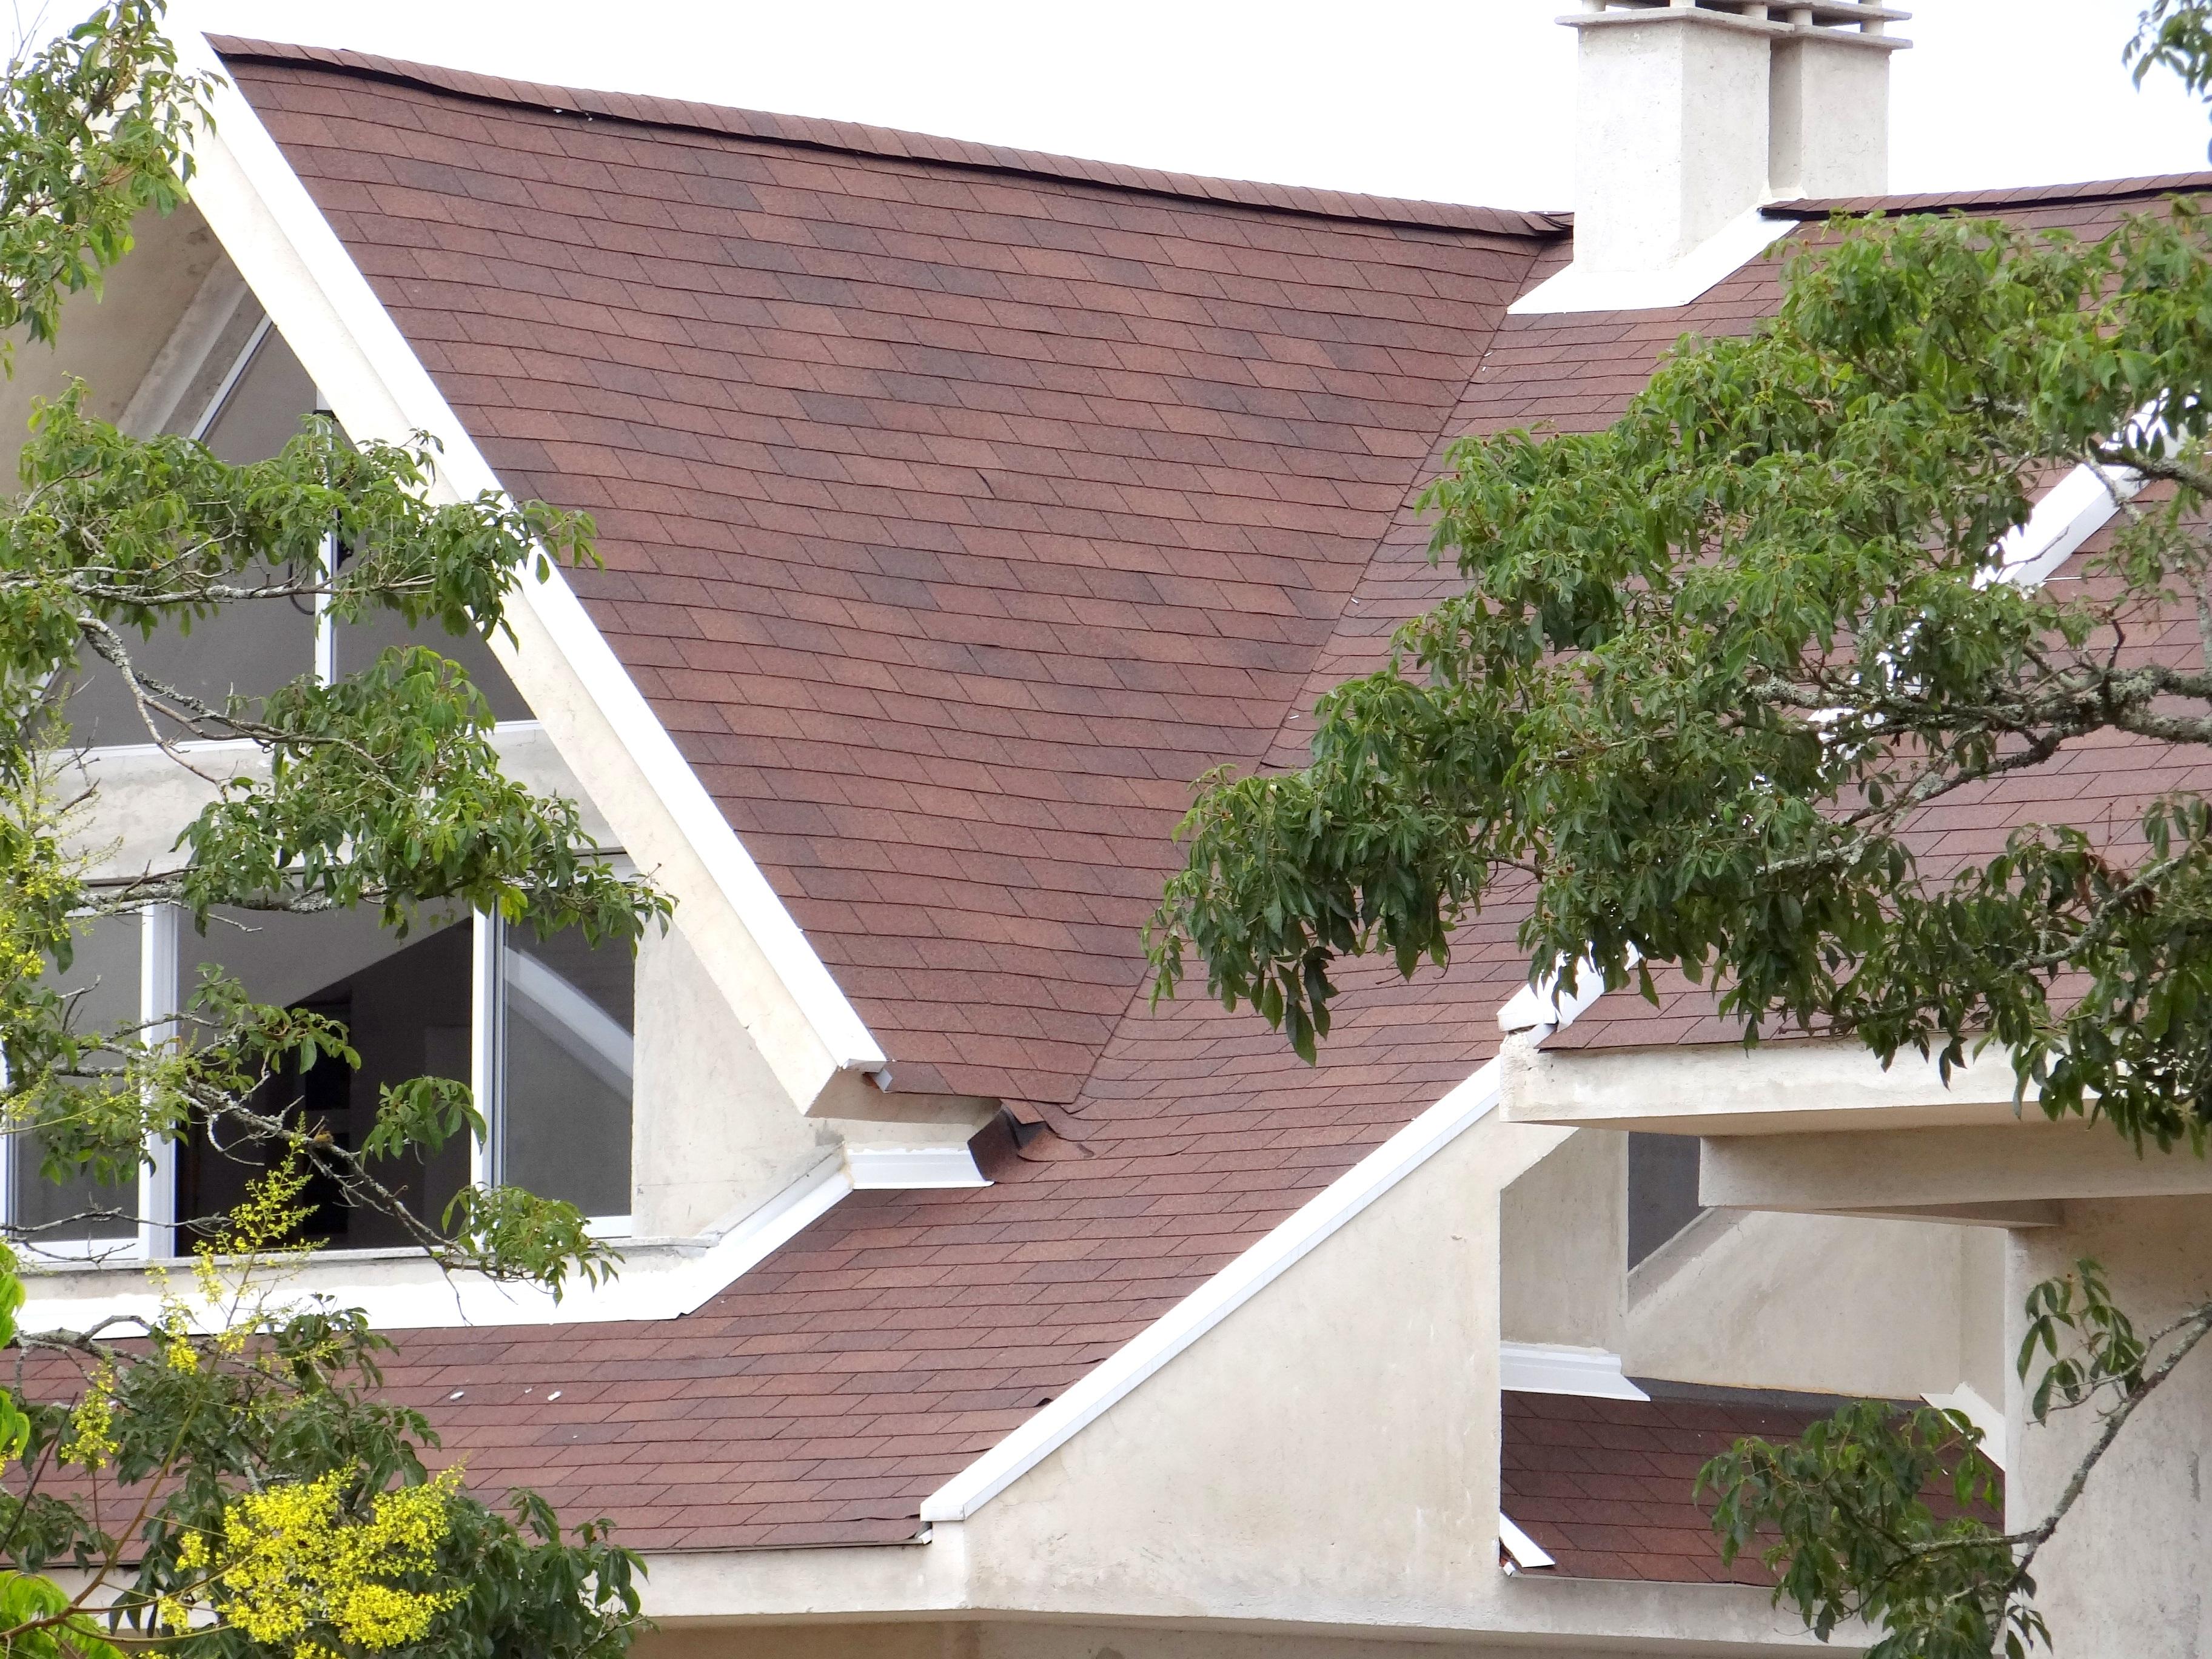 Telha shingle ou telhado americano Decorando Casas #A6A425 3648x2736